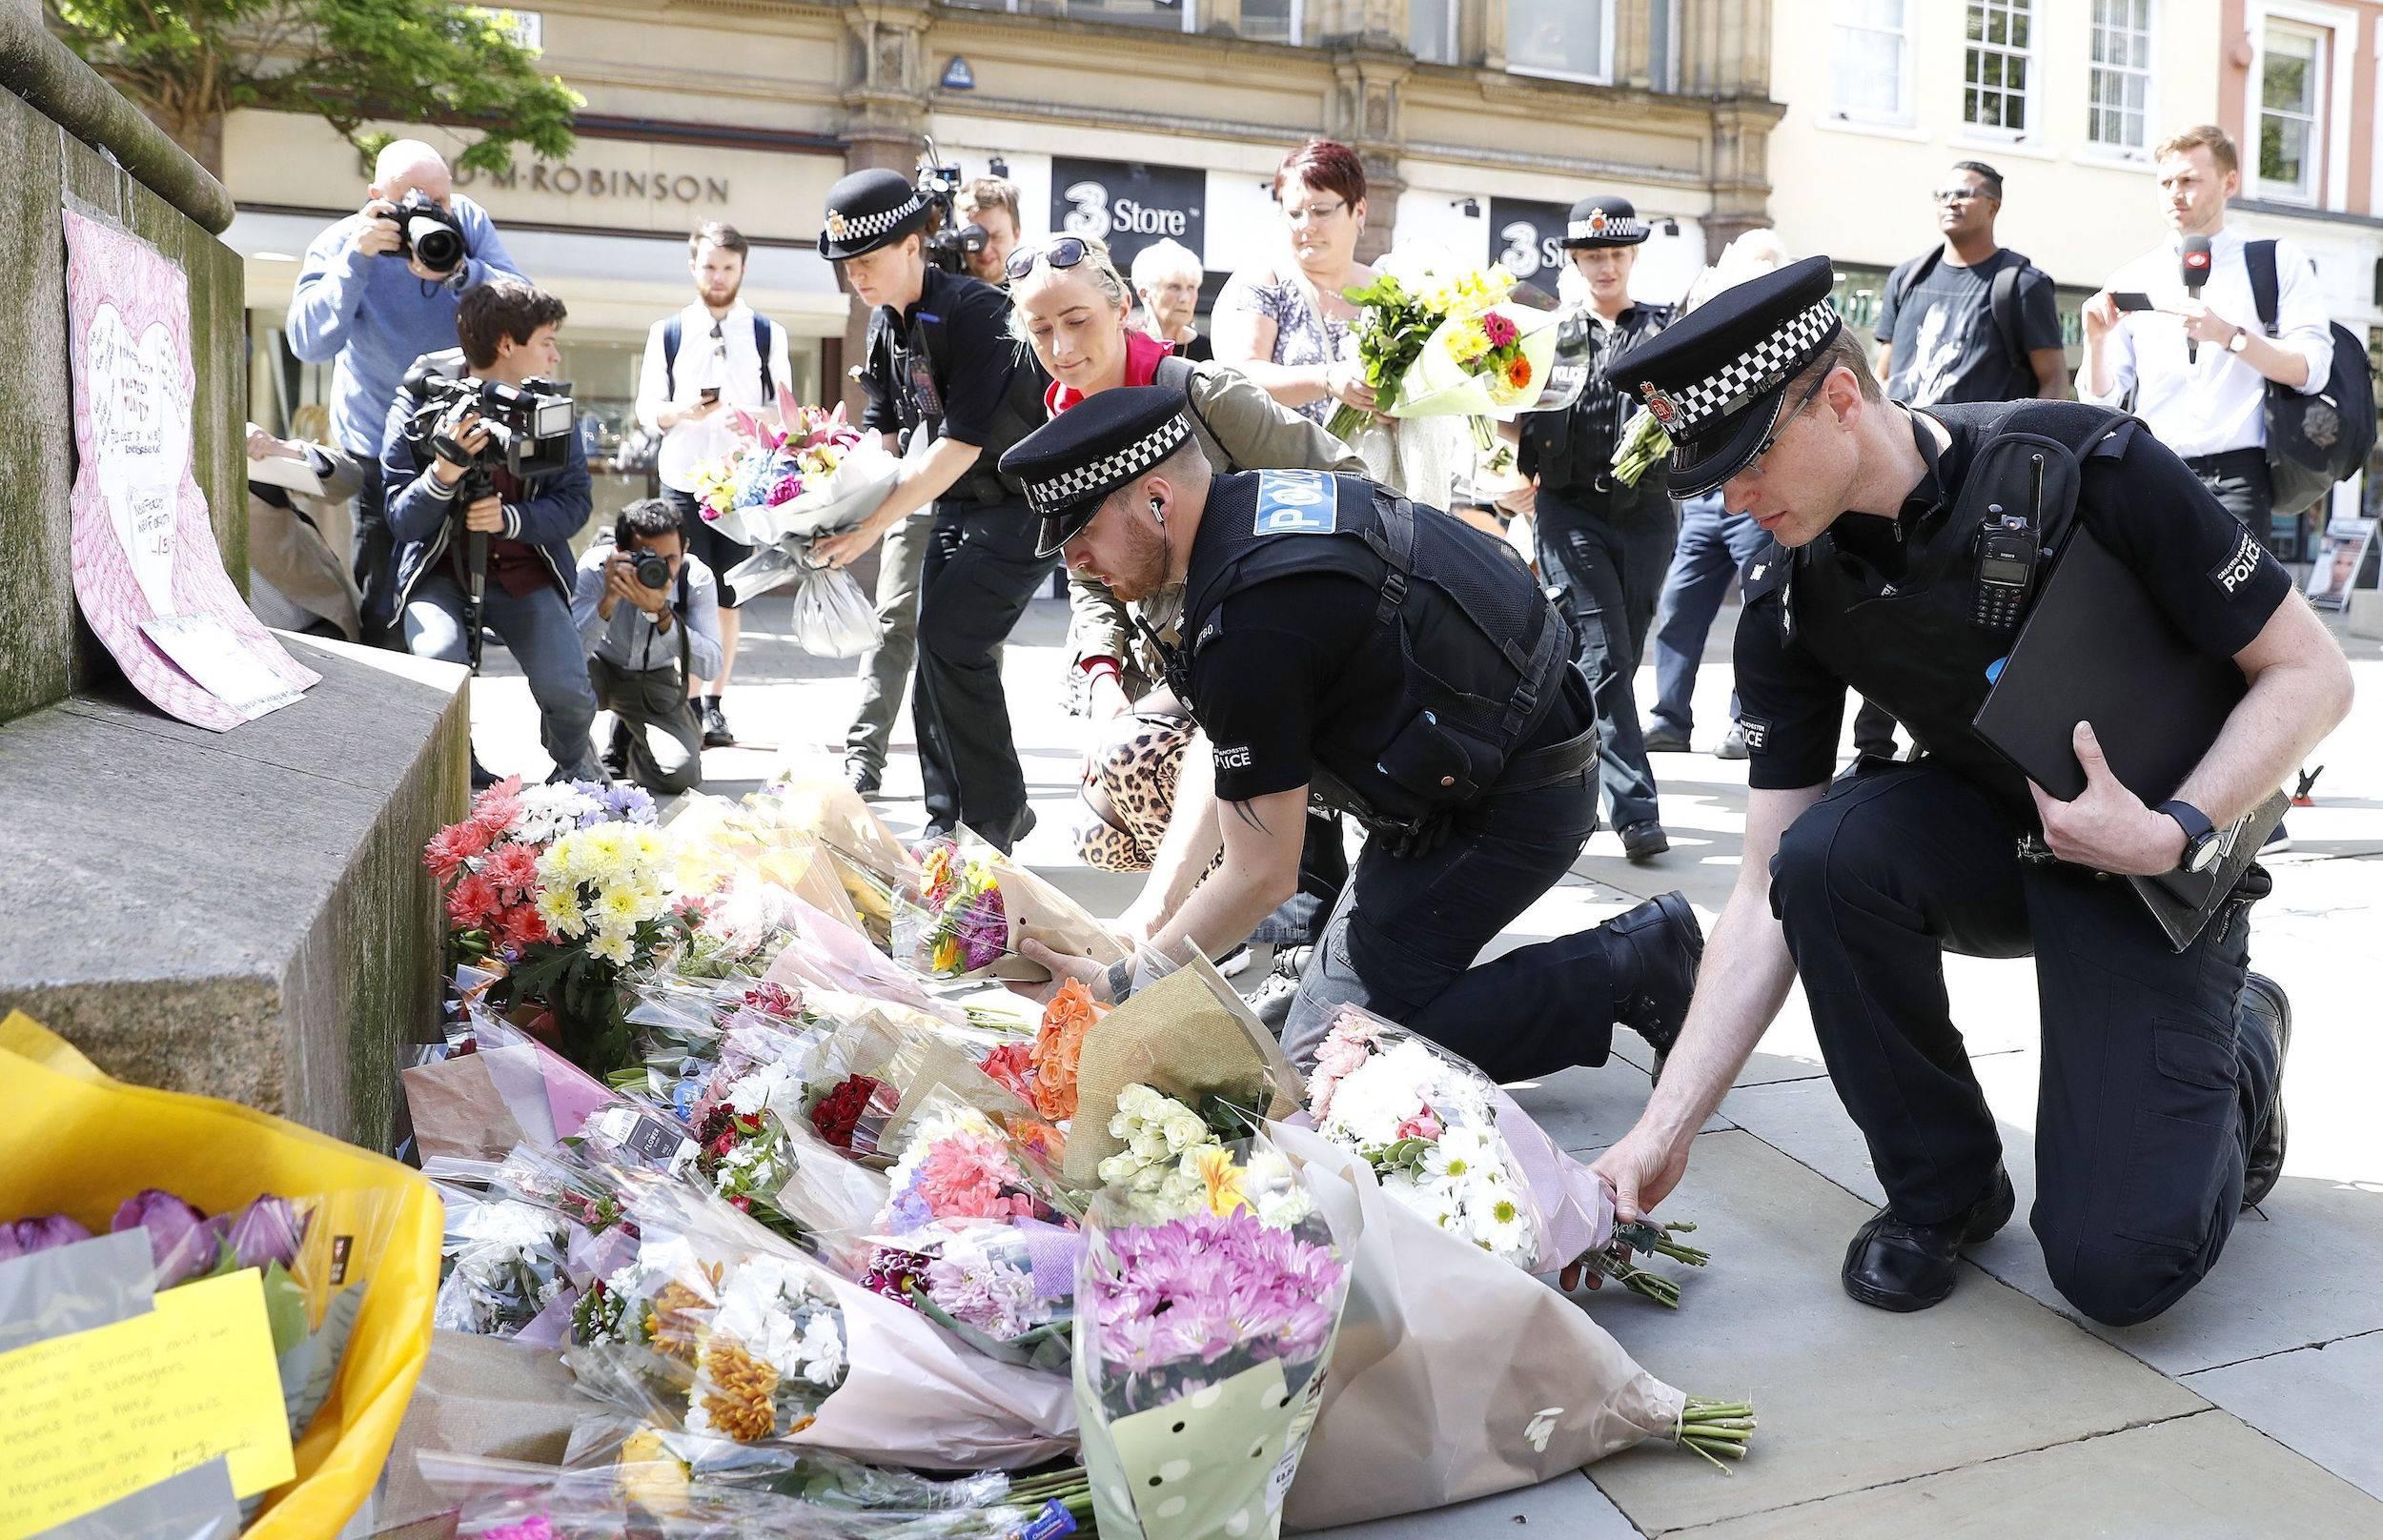 Policía identifica al responsable del atentado en Manchester